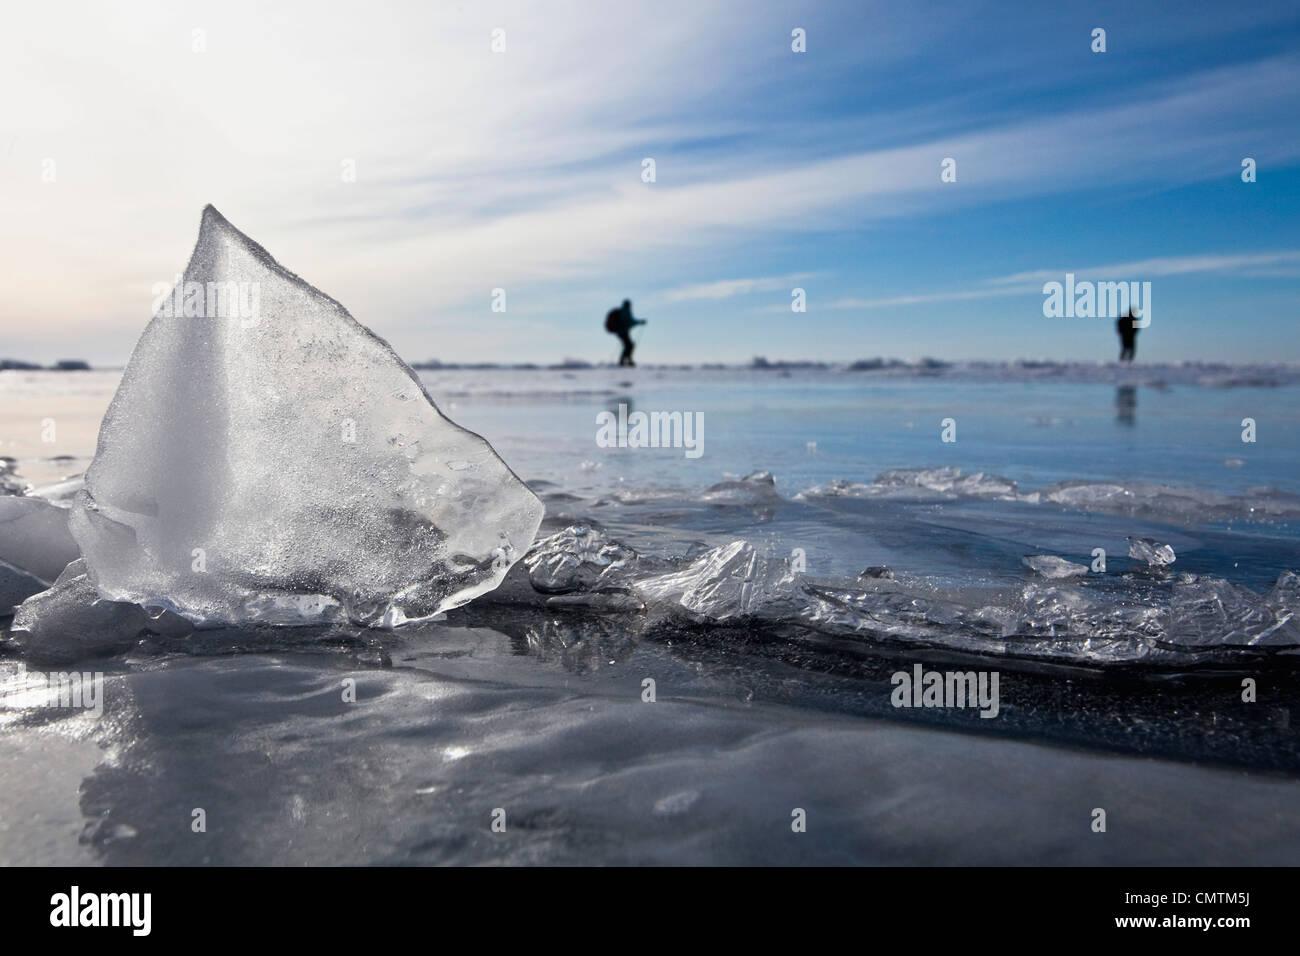 Nahaufnahme des Eises mit Menschen im Hintergrund Stockbild